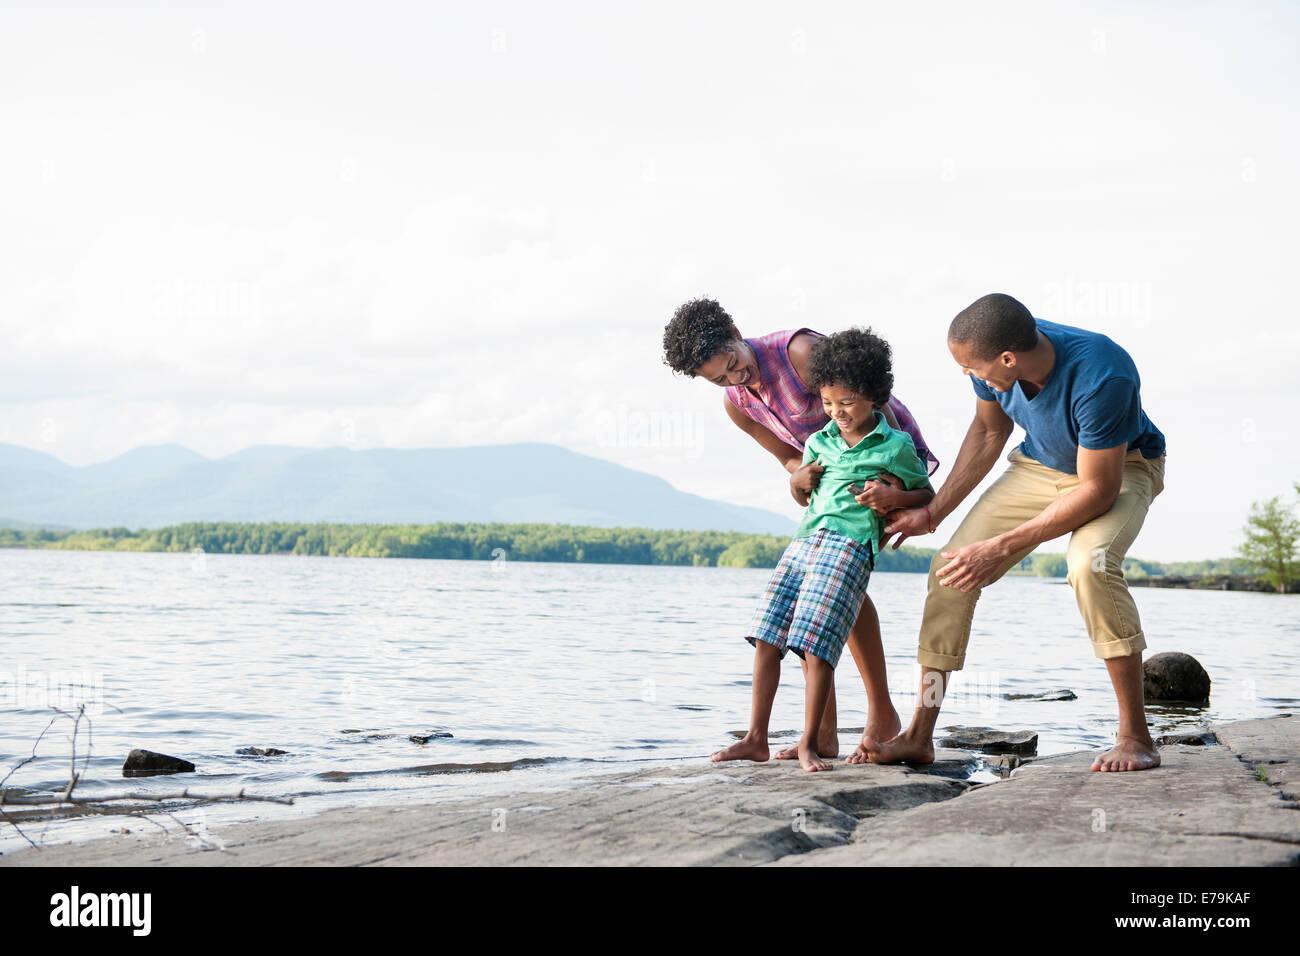 Familie, Mutter, Vater und Sohn spielen am Ufer eines Sees. Stockbild